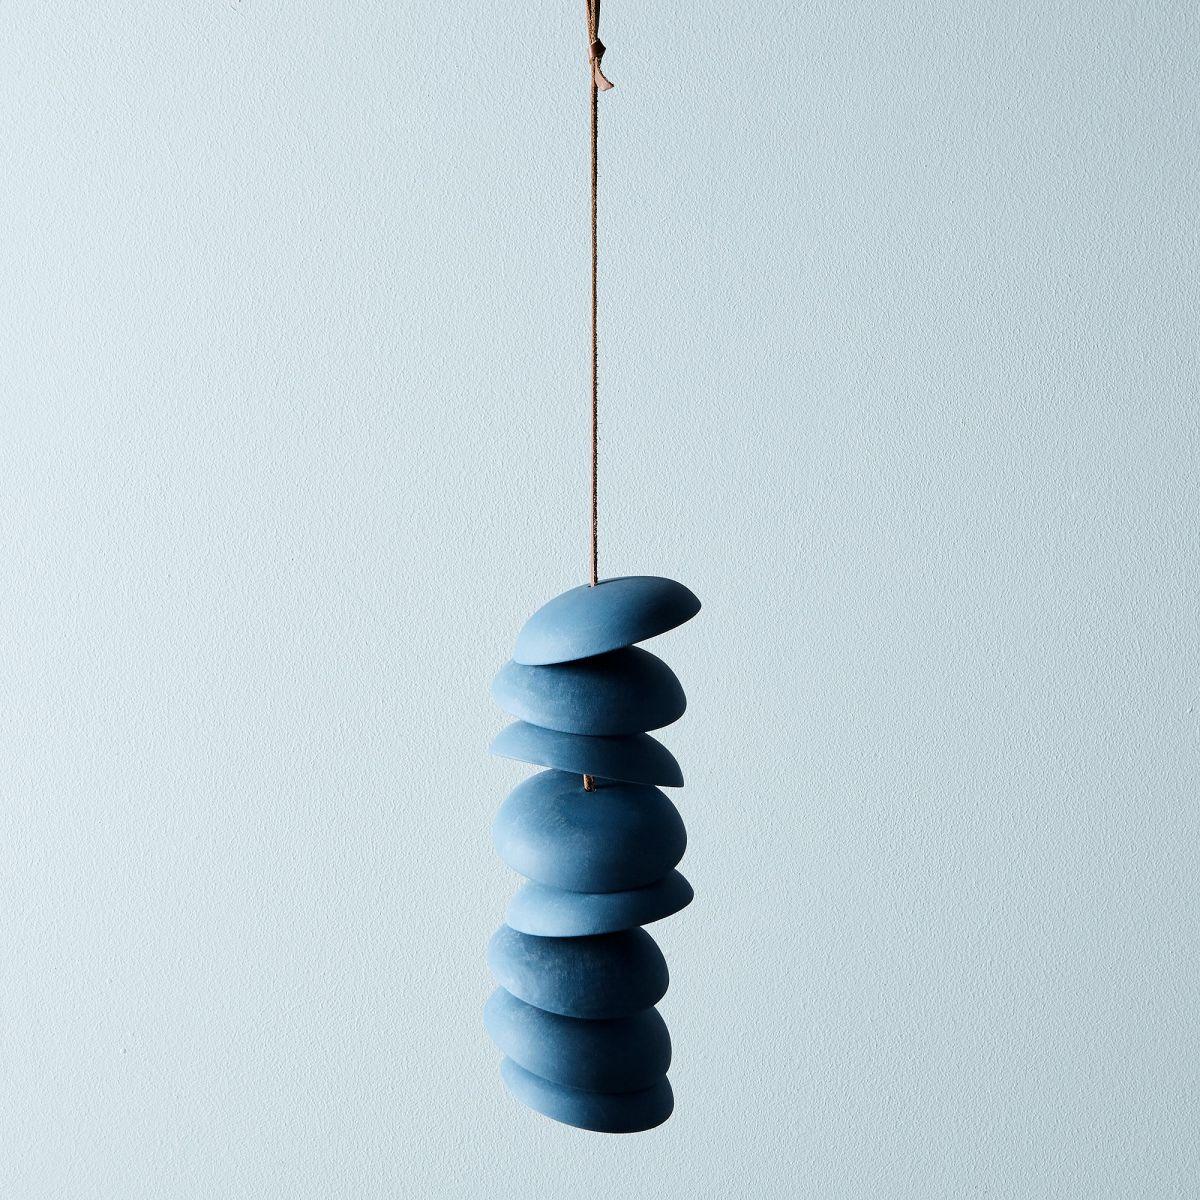 Blue Porcelain Wind Chimes - 8 Discs